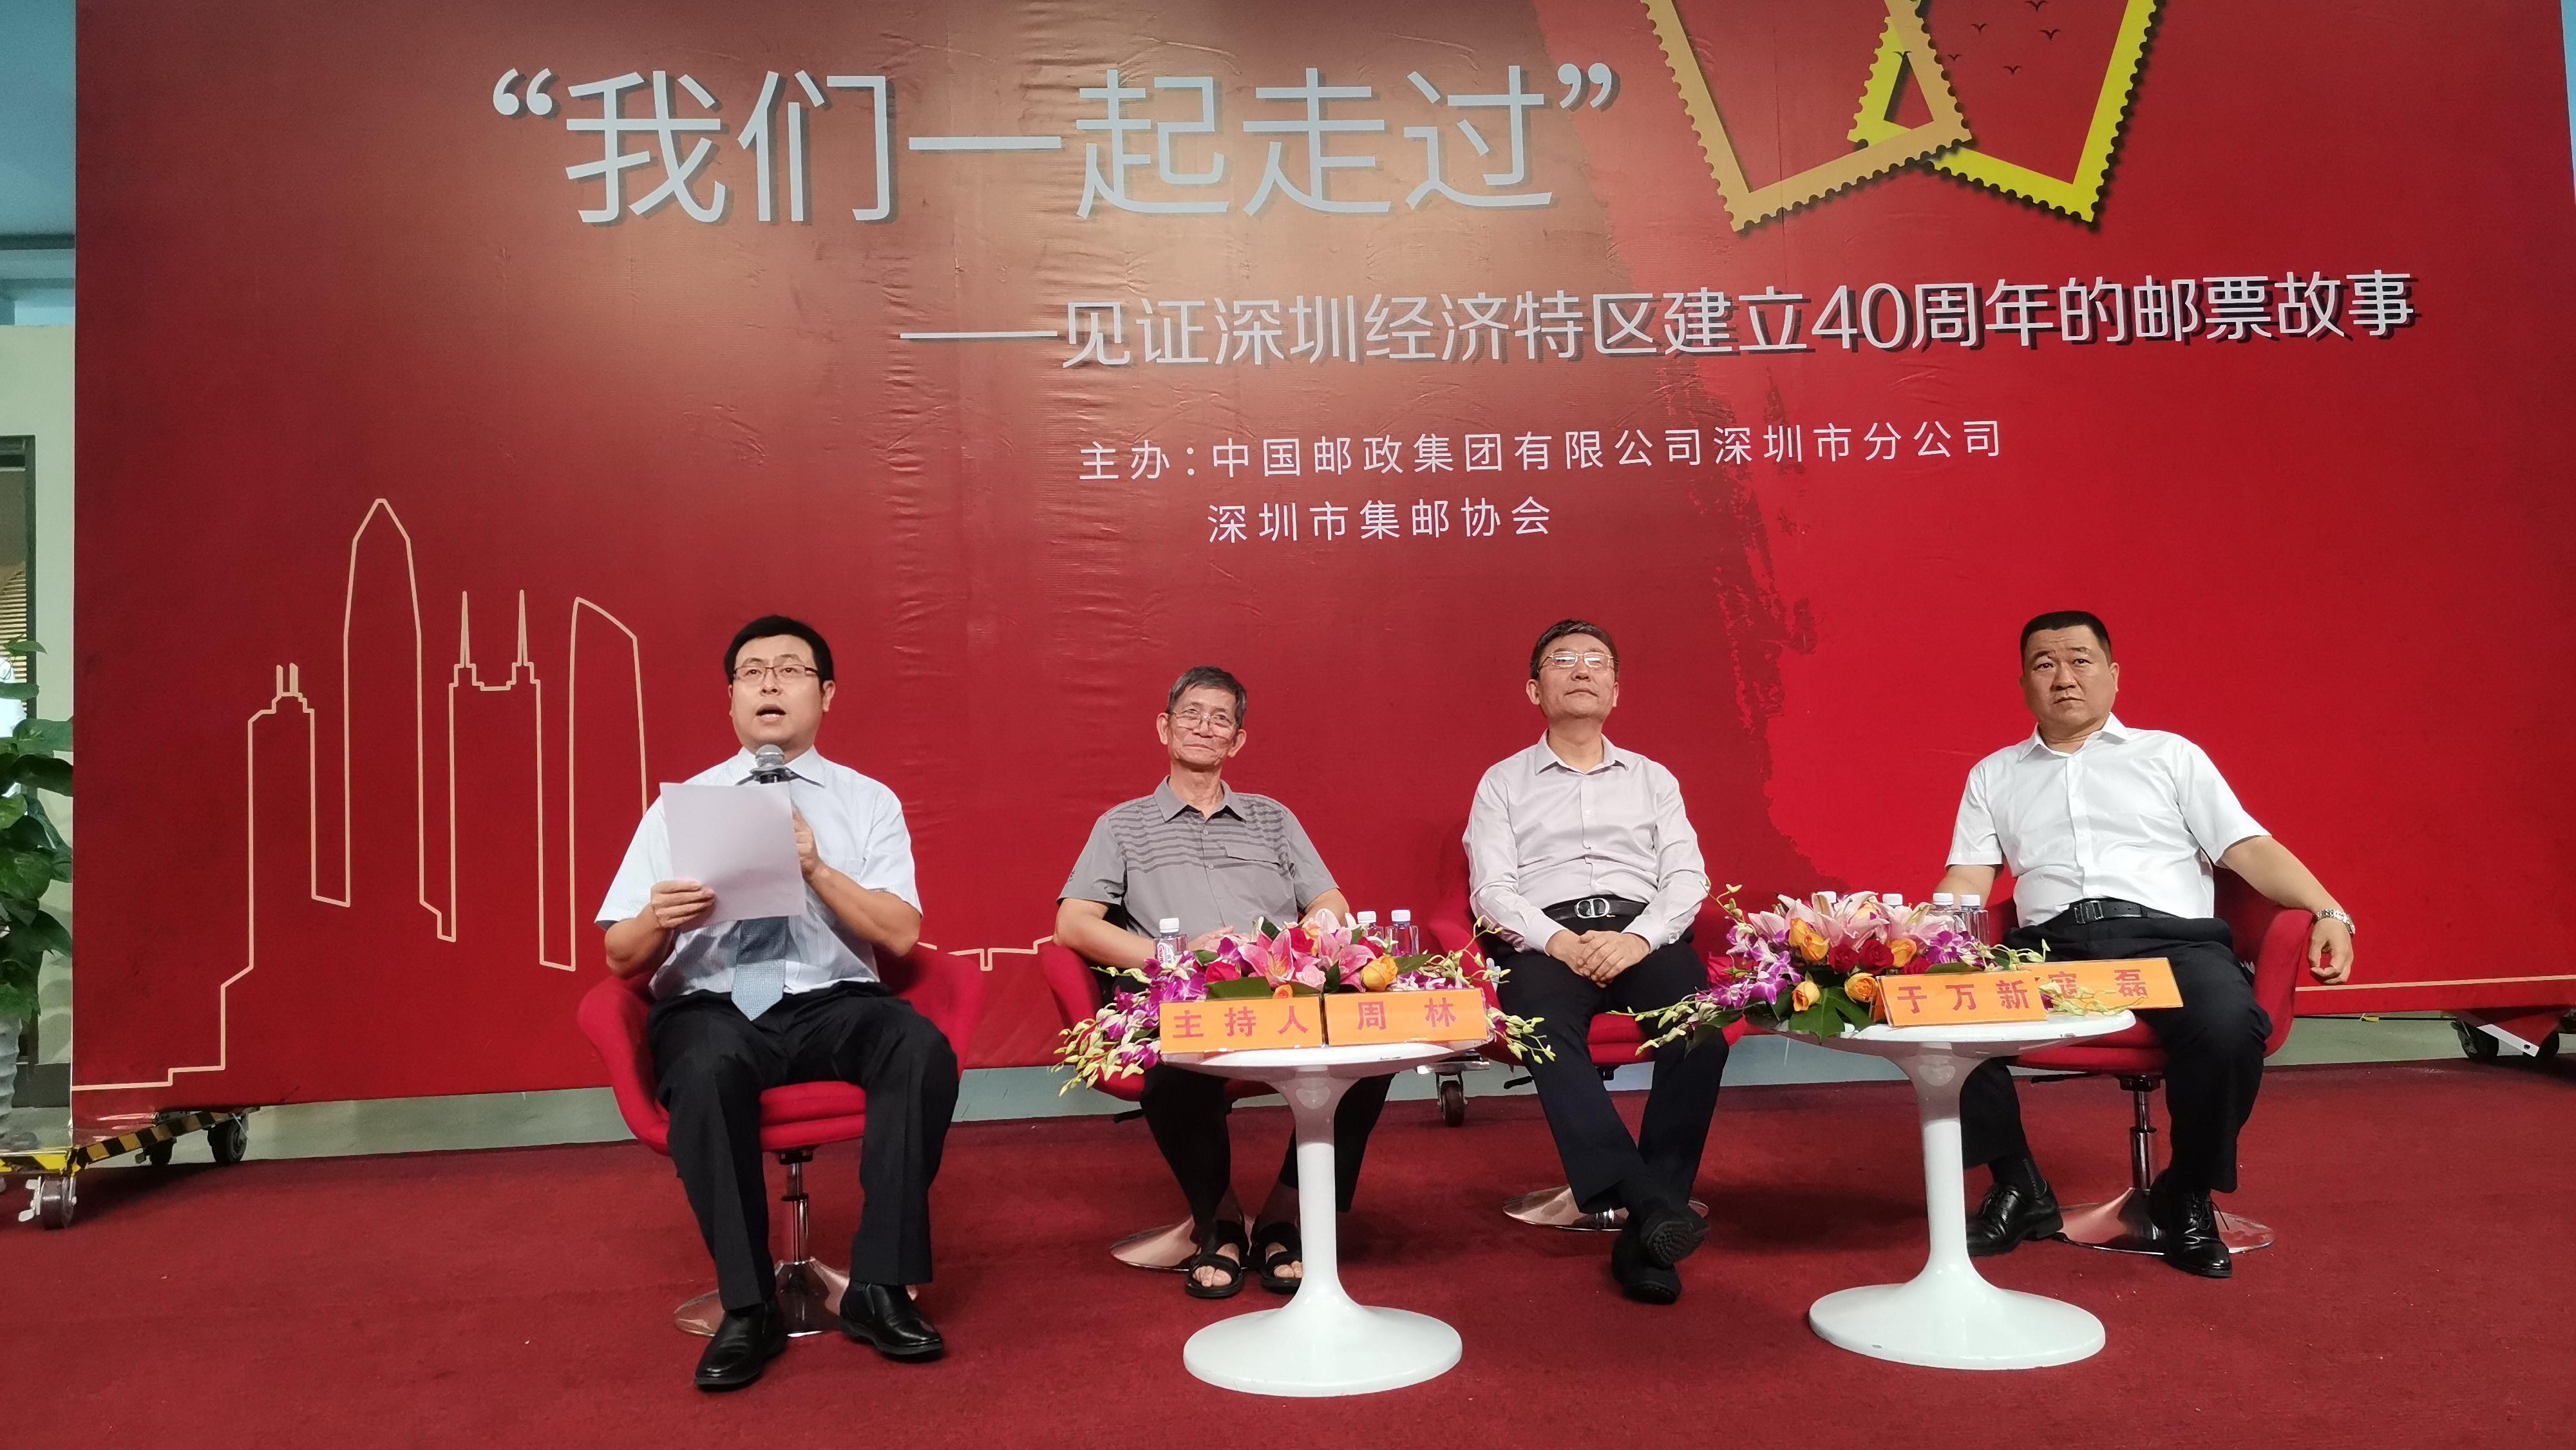 集邮文化大讲堂:见证深圳特区40周年的邮票故事